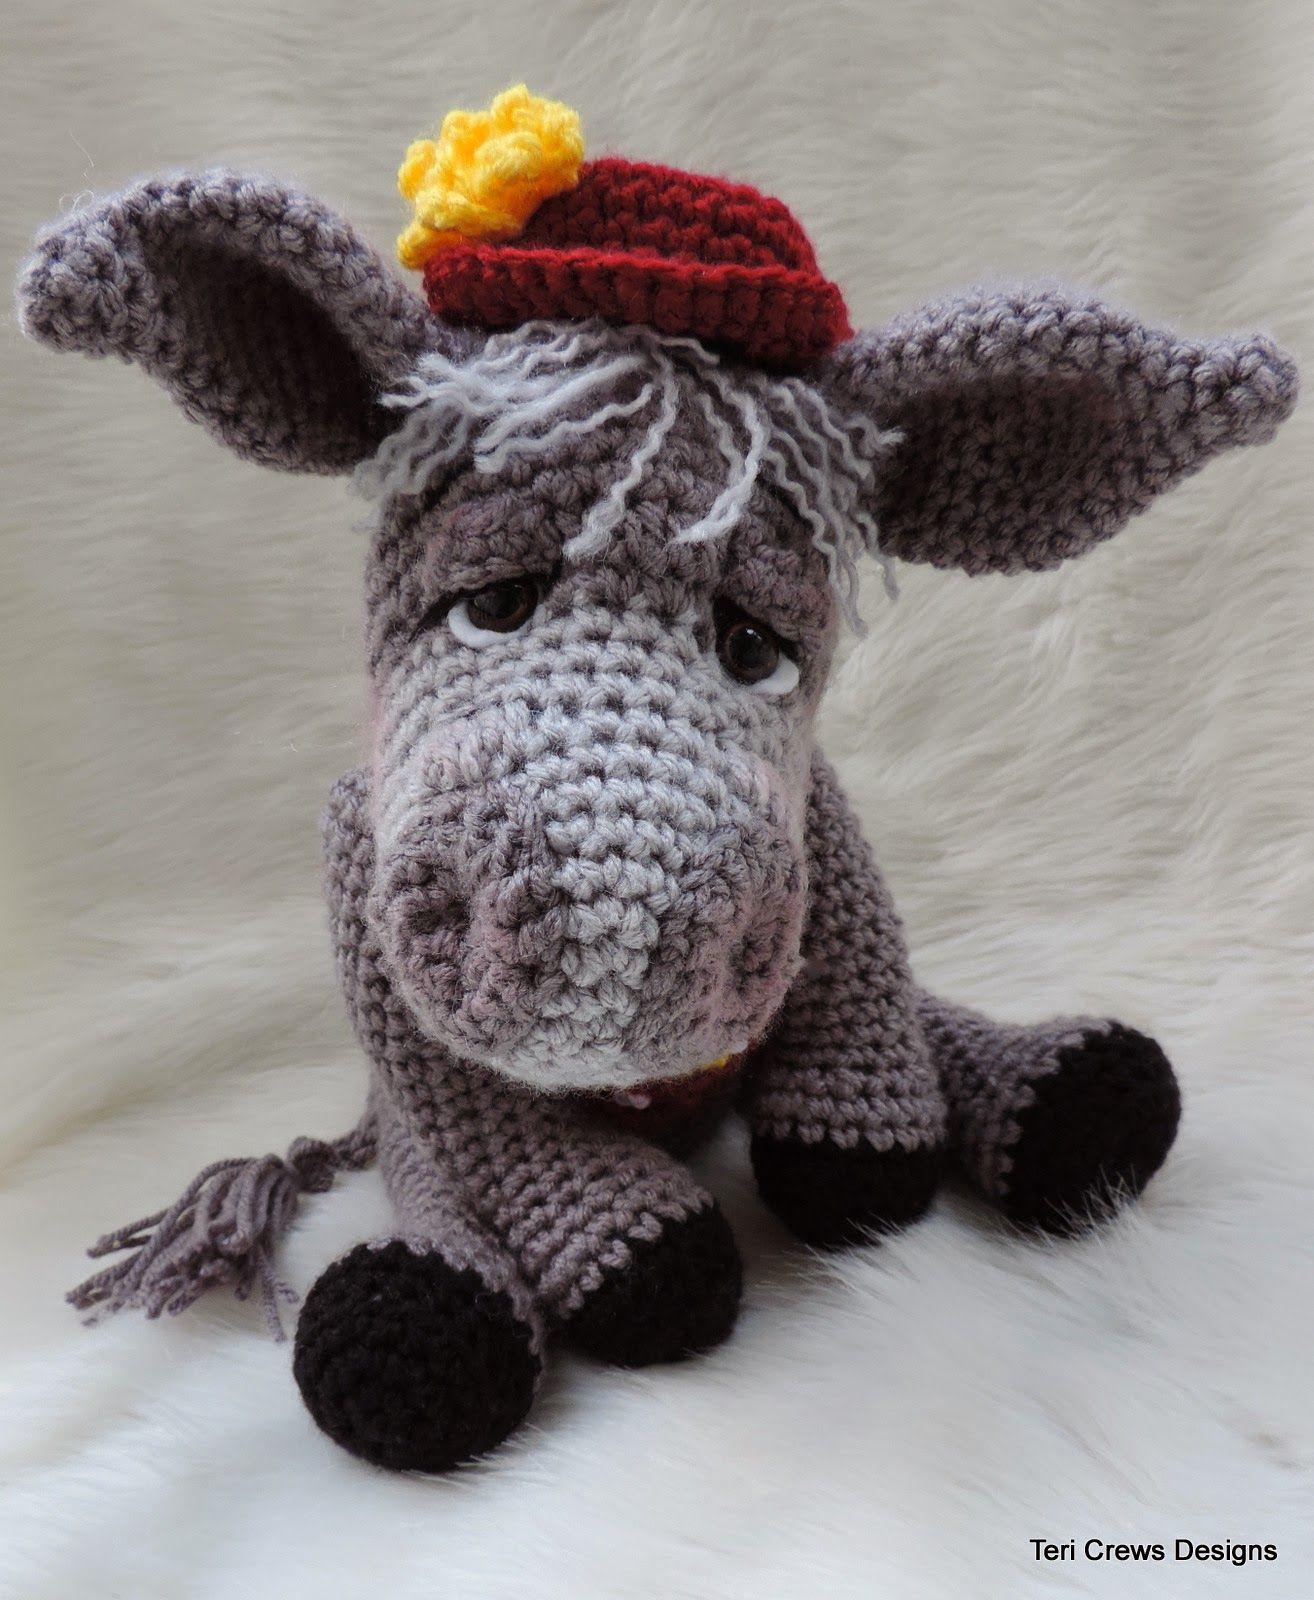 Donkey crochet pattern crochet donkey donkey pattern | Etsy | 1600x1314